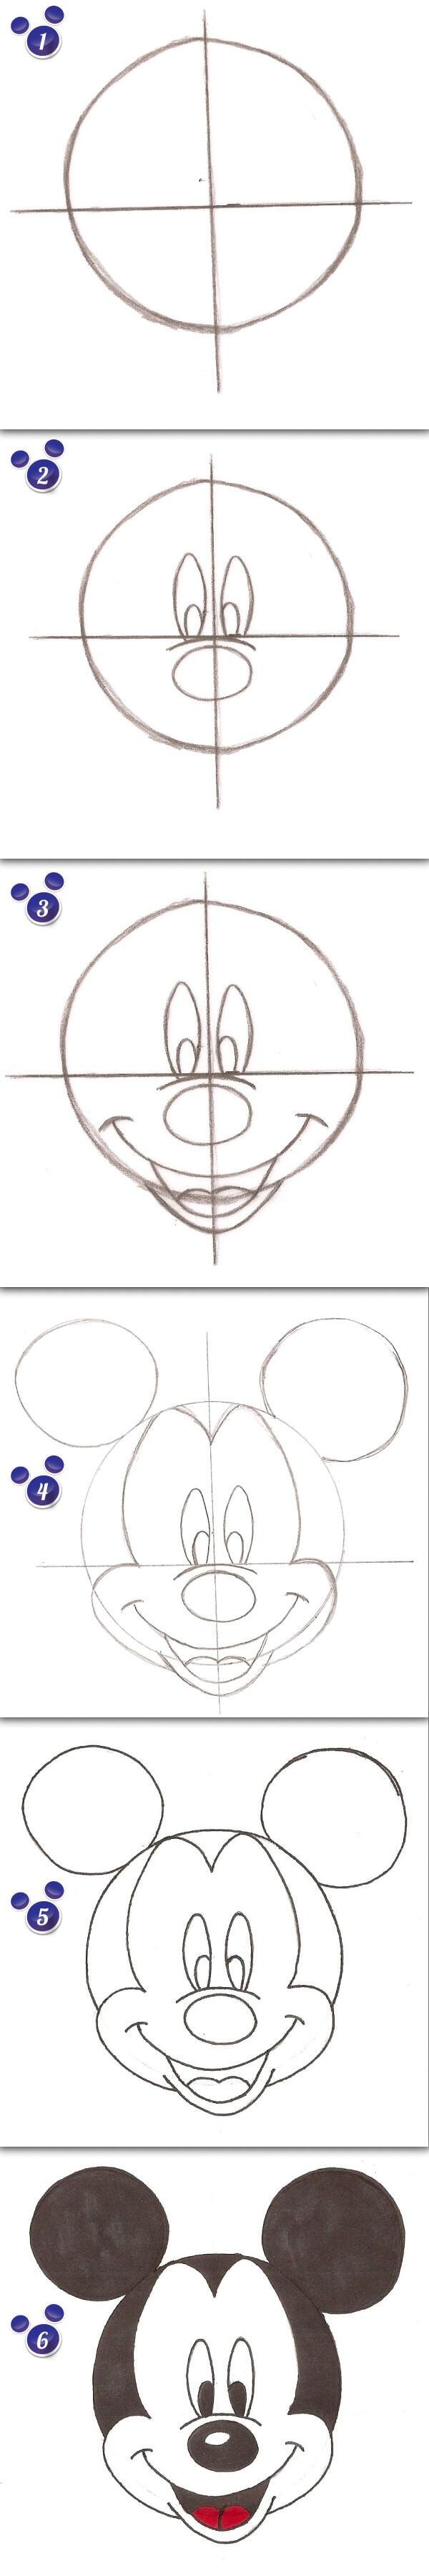 mickey maus zeichnen art of animation der dein. Black Bedroom Furniture Sets. Home Design Ideas